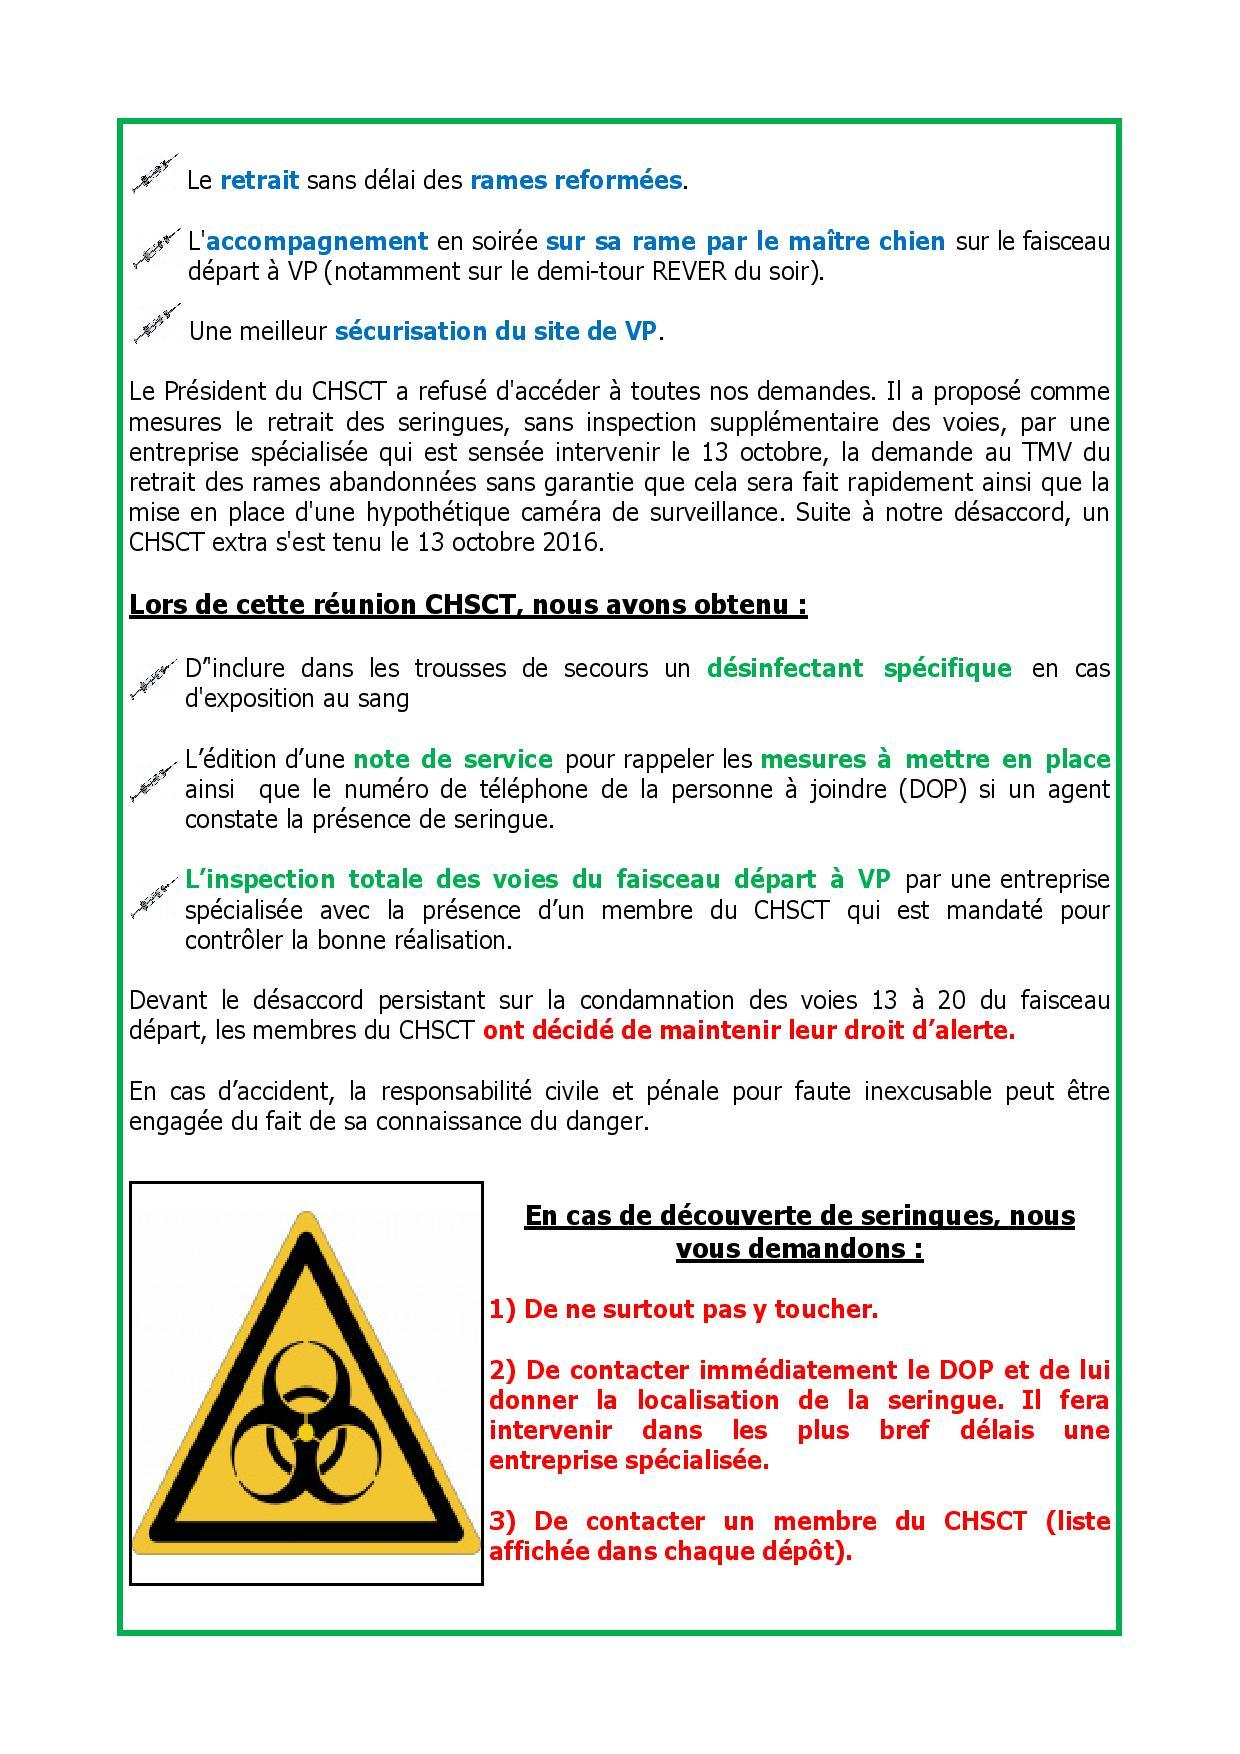 etpse-droit-alerte-seringue-semelles-de-frein-page-002